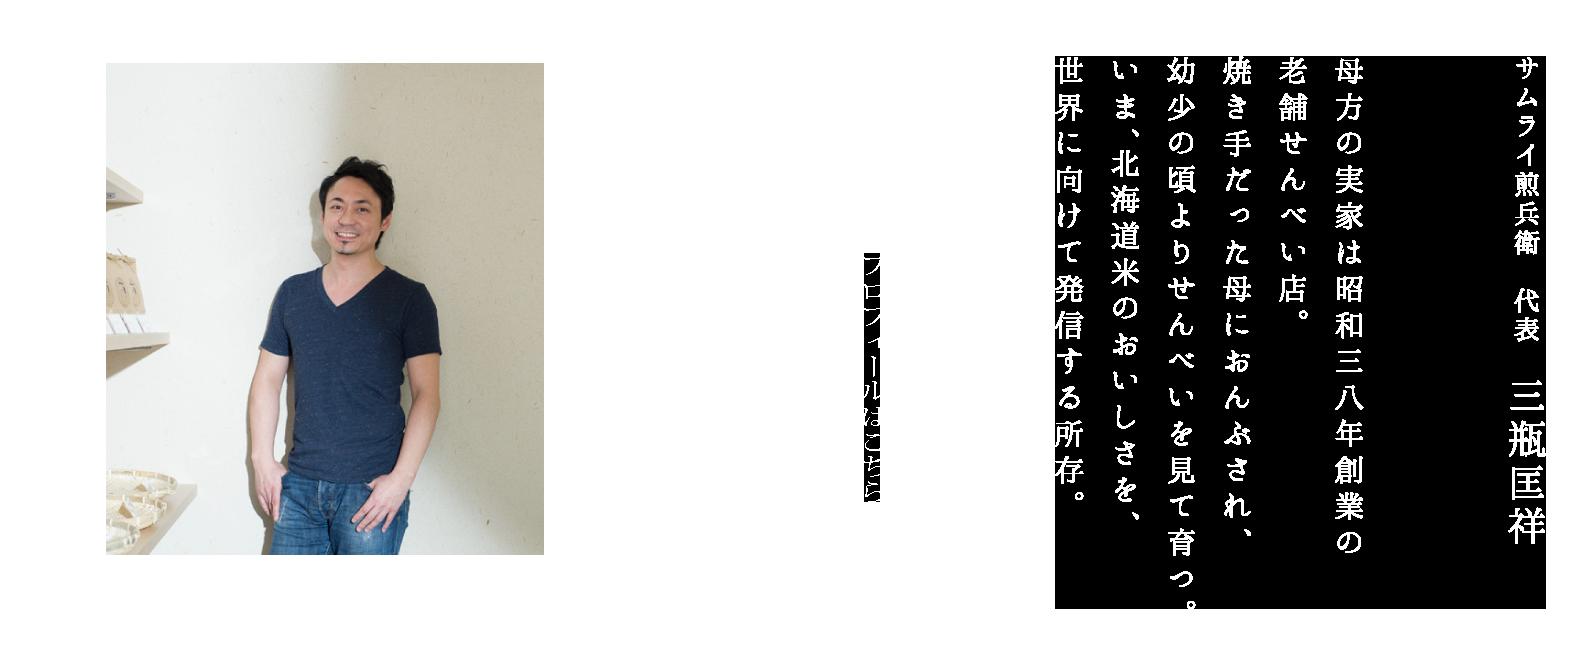 サムライ煎兵衛 代表 三瓶